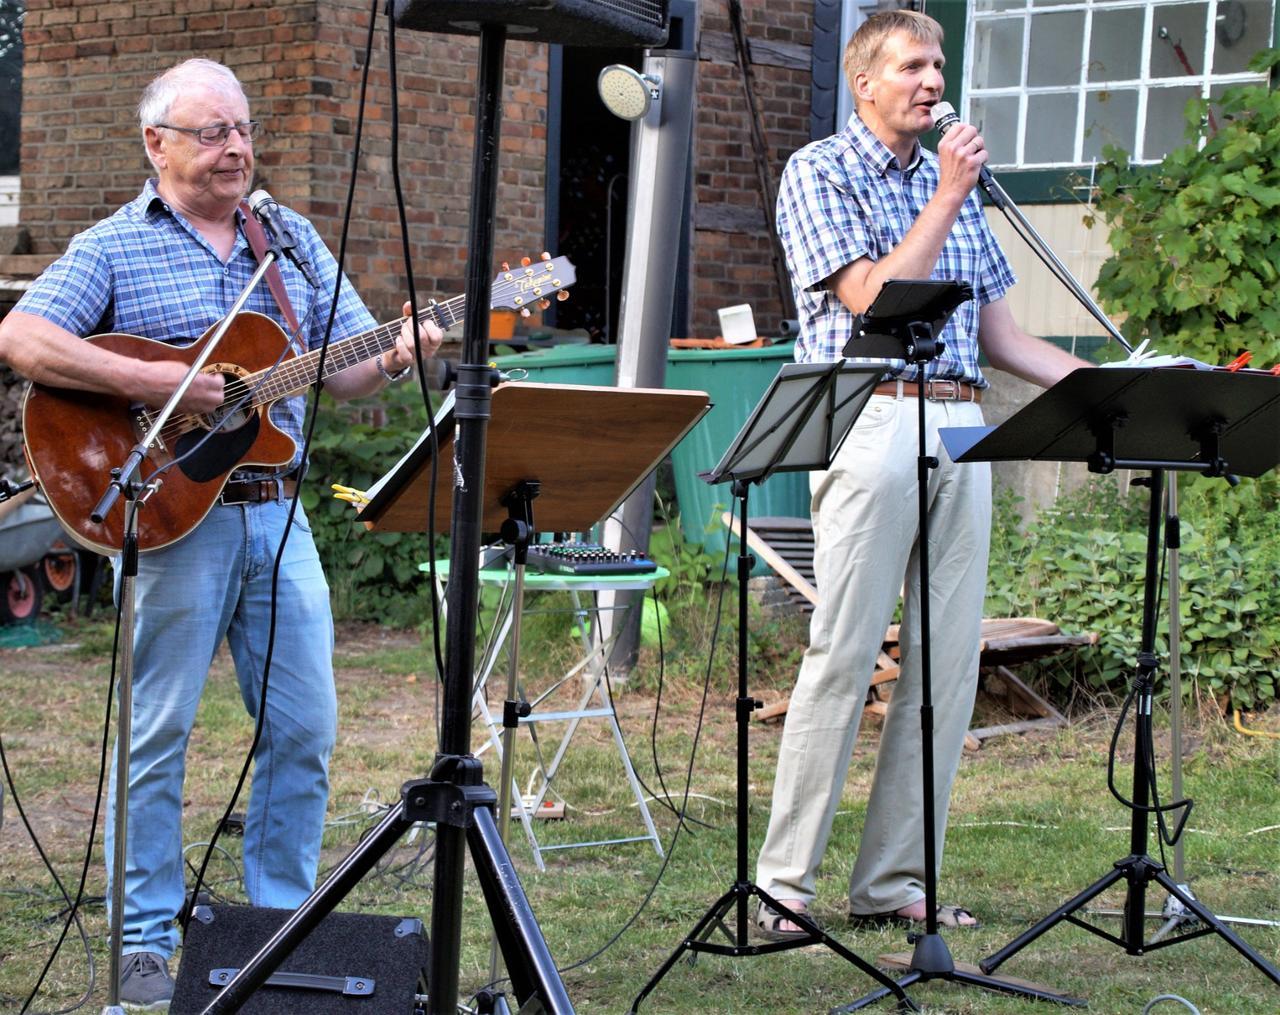 Duo gibt Konzert im Pfarrgarten